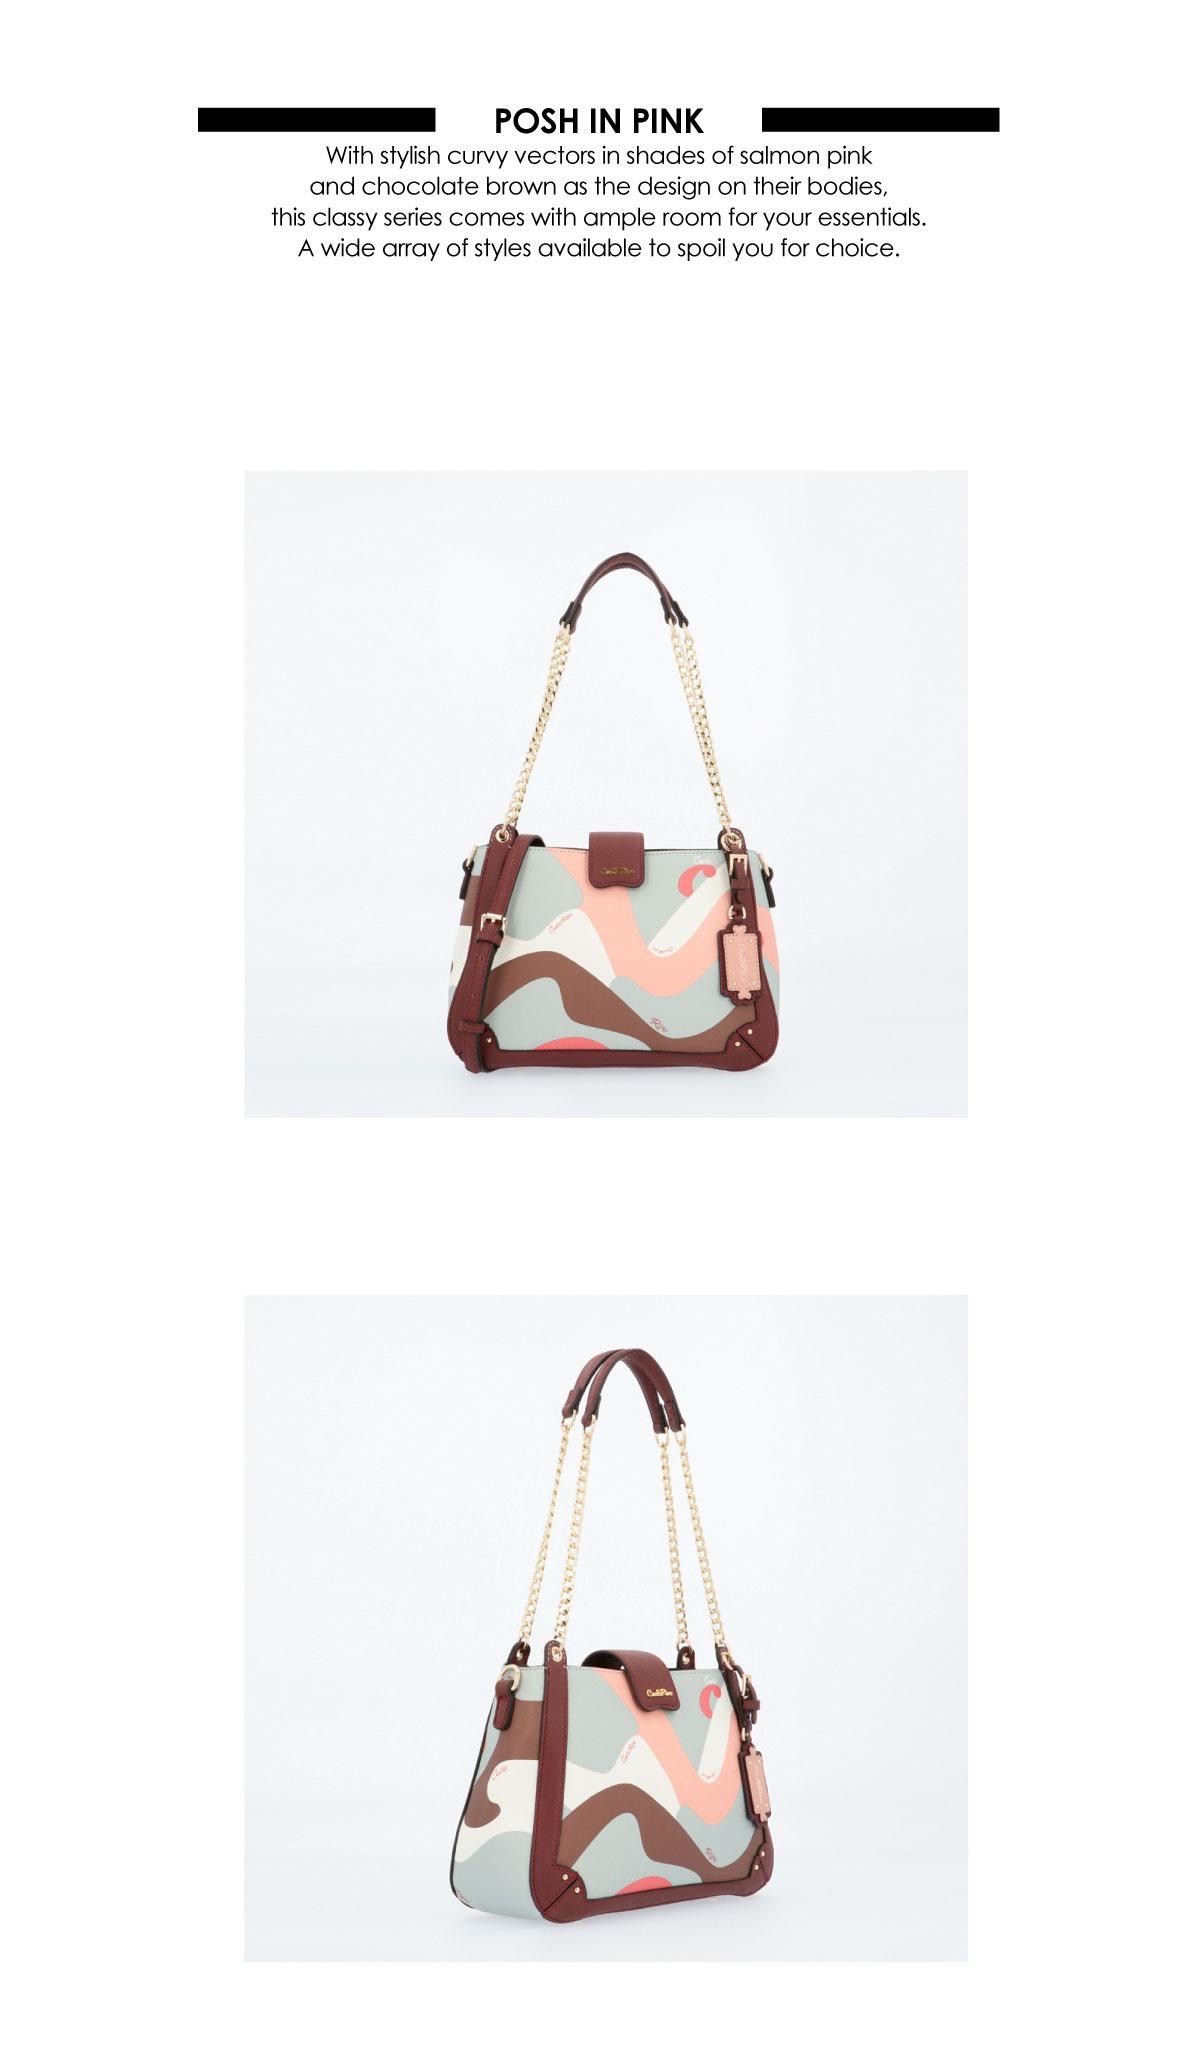 0304819G 004 14 02 - Posh in Pink Chain Link Shoulder Bag